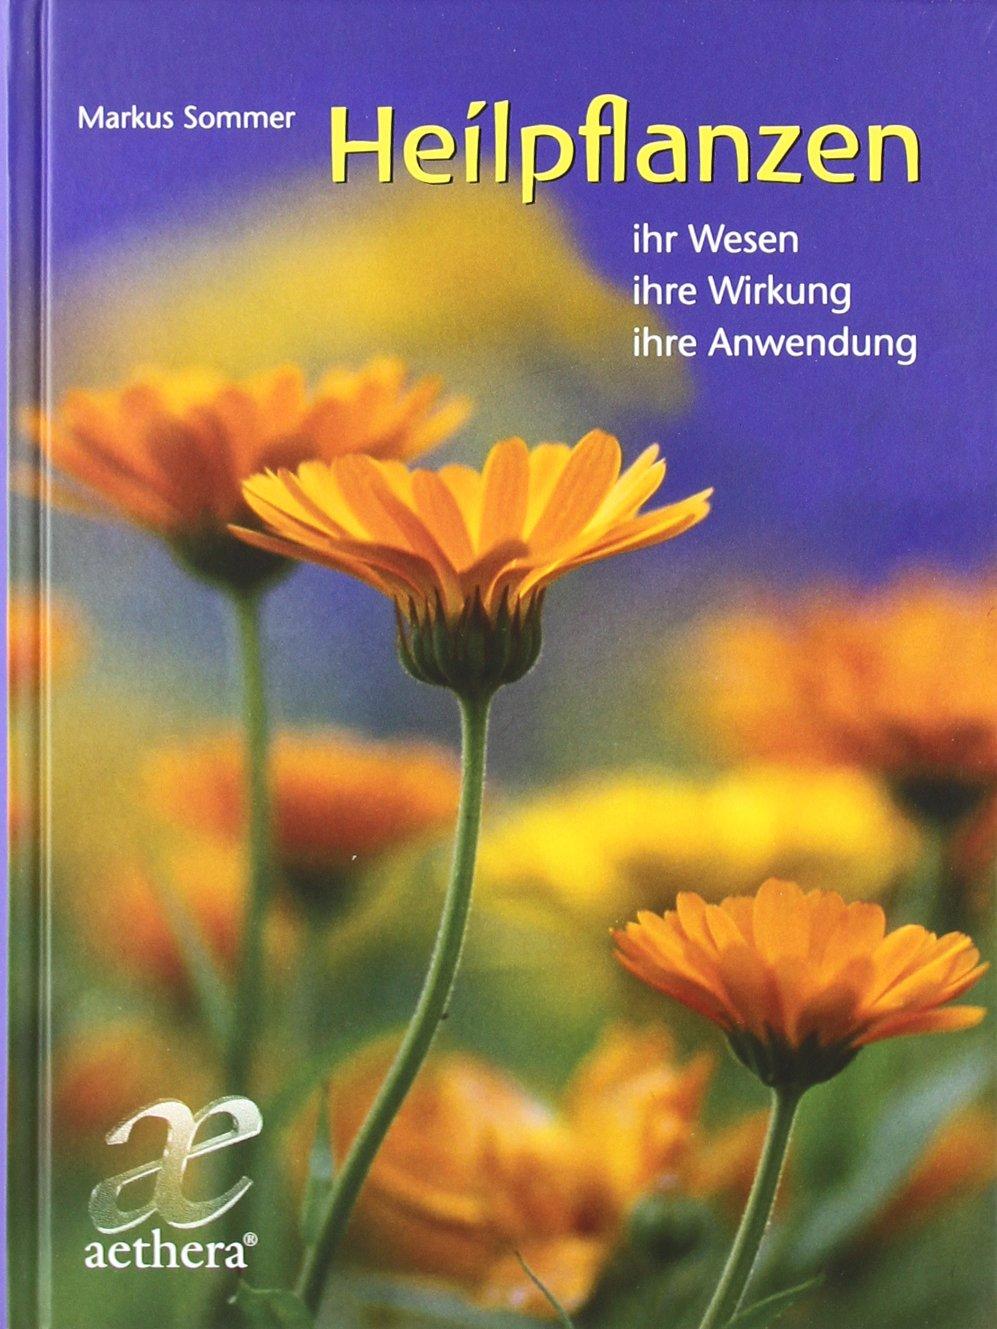 Heilpflanzen: ihr Wesen - ihre Wirkung - ihre Anwendung